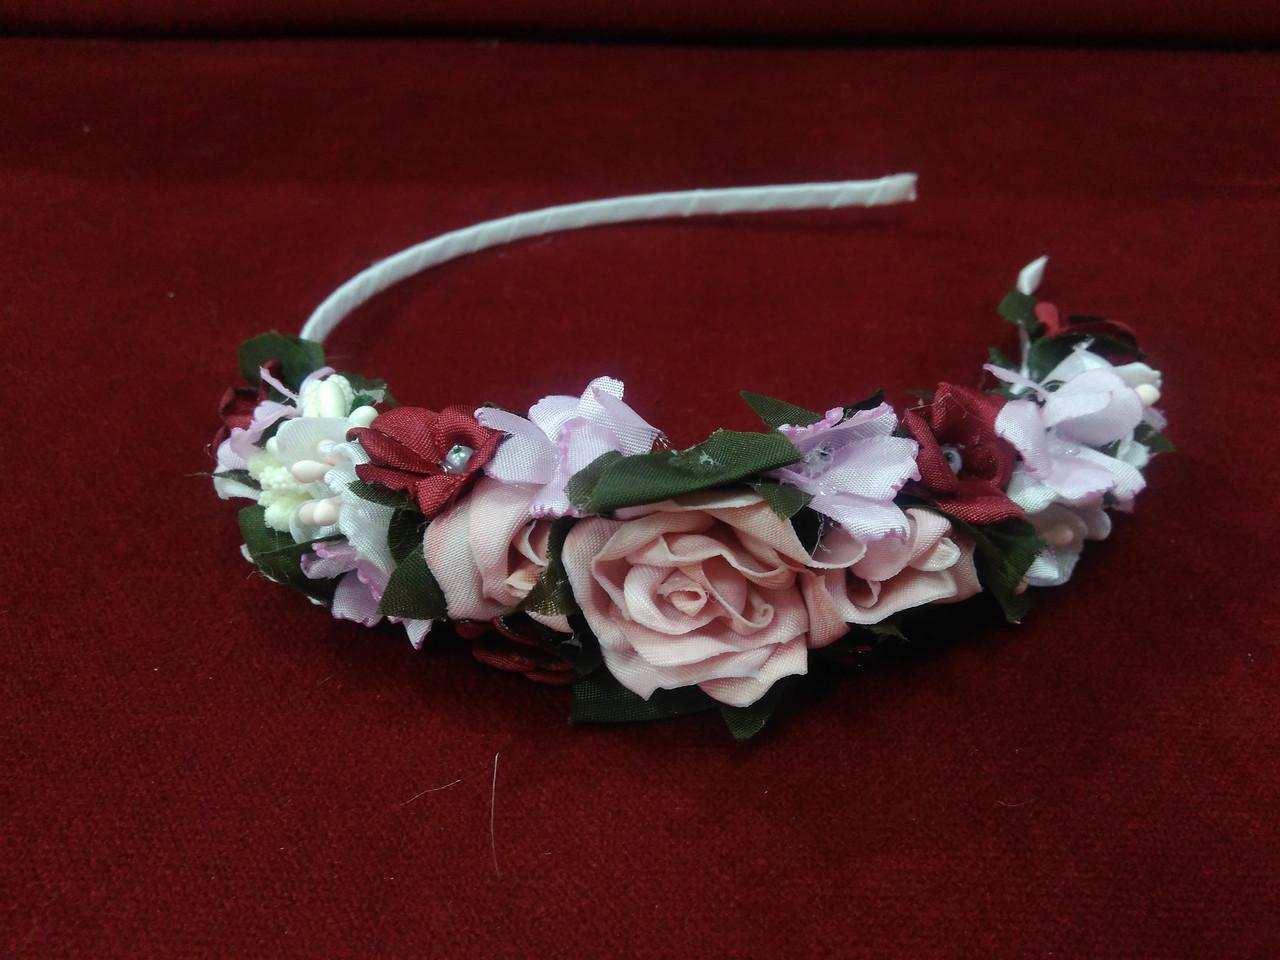 Венок на голову из цветов (обруч) розовый с бордовым для взрослых и детей